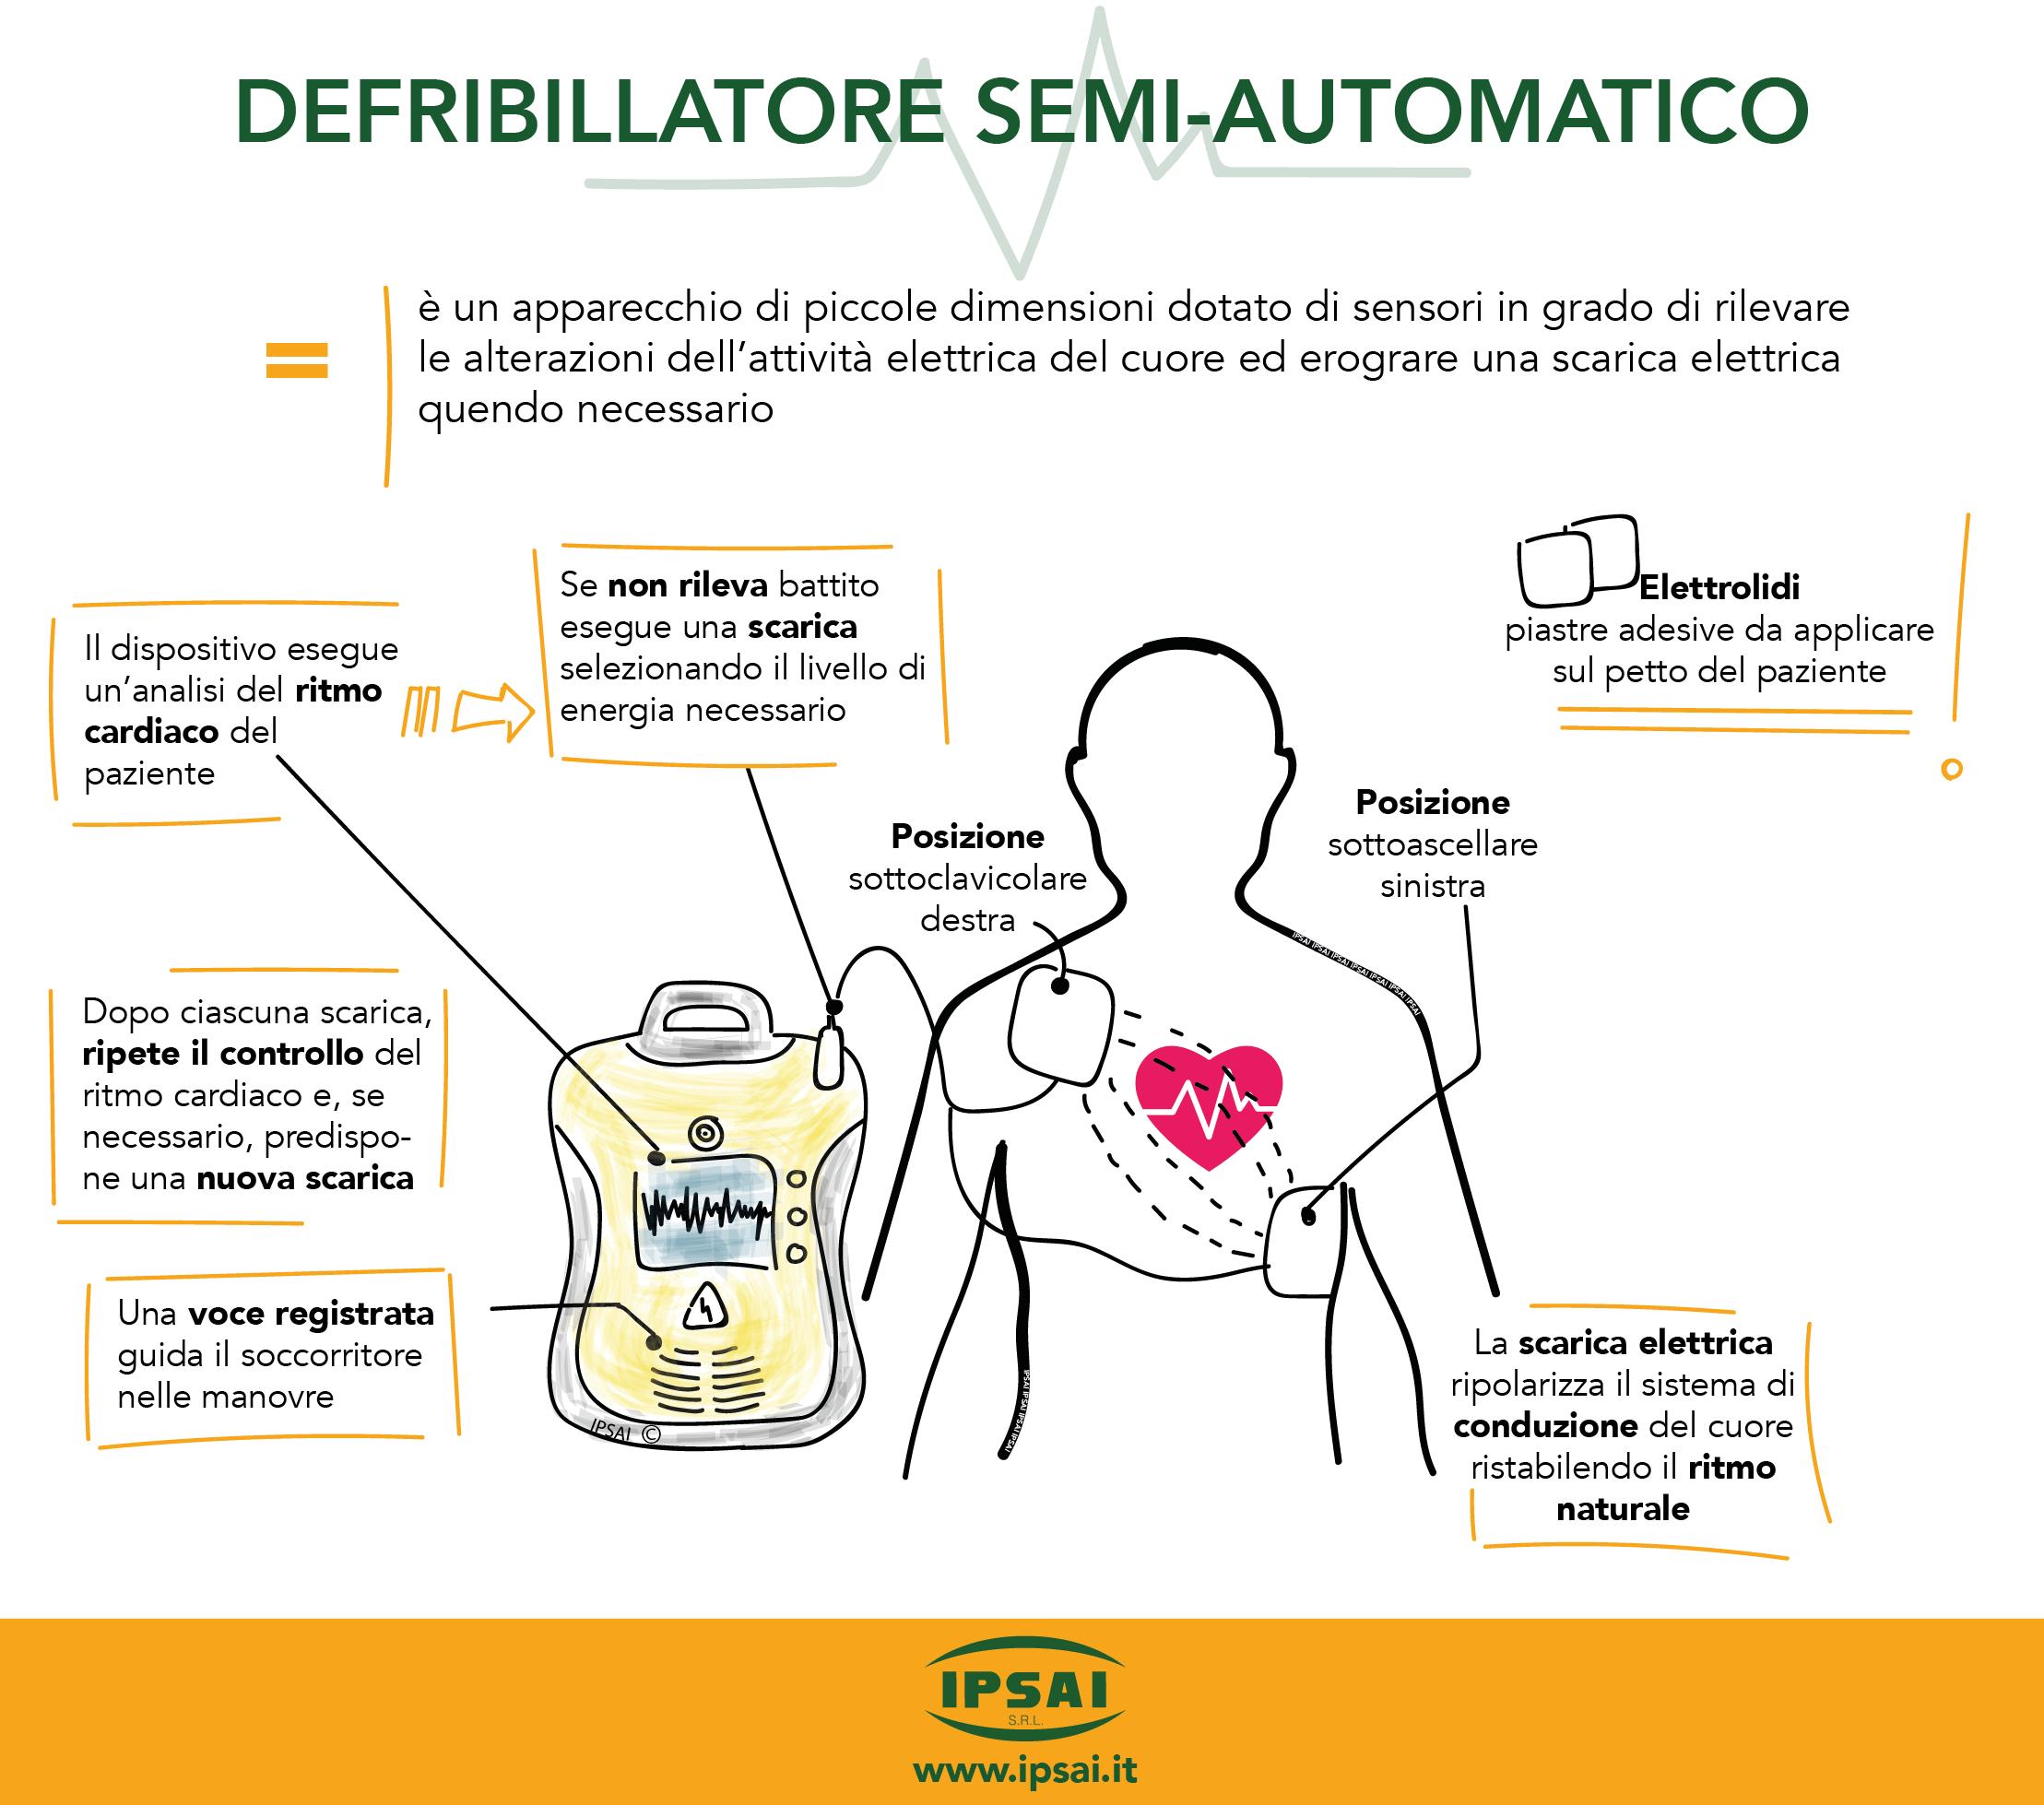 Corso DAE - Defibrillatori Semiautomatici Esterni - Brescia